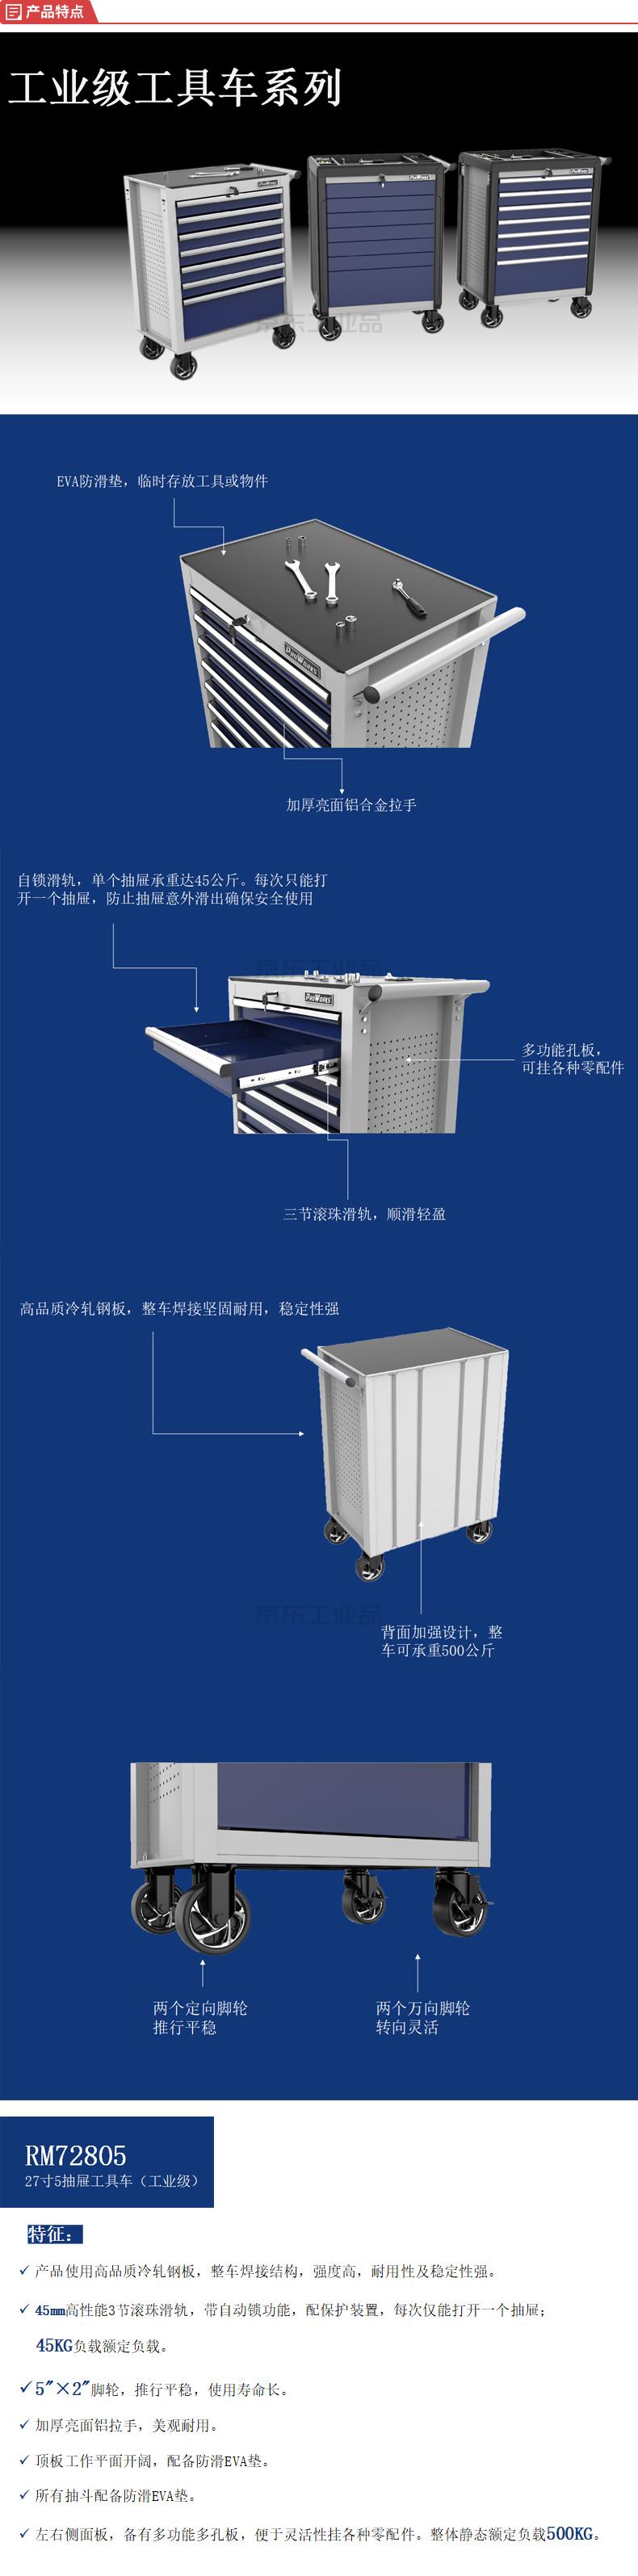 普沃克 ProWorks 27寸5抽屉工具车(工业级);8000.RM72805